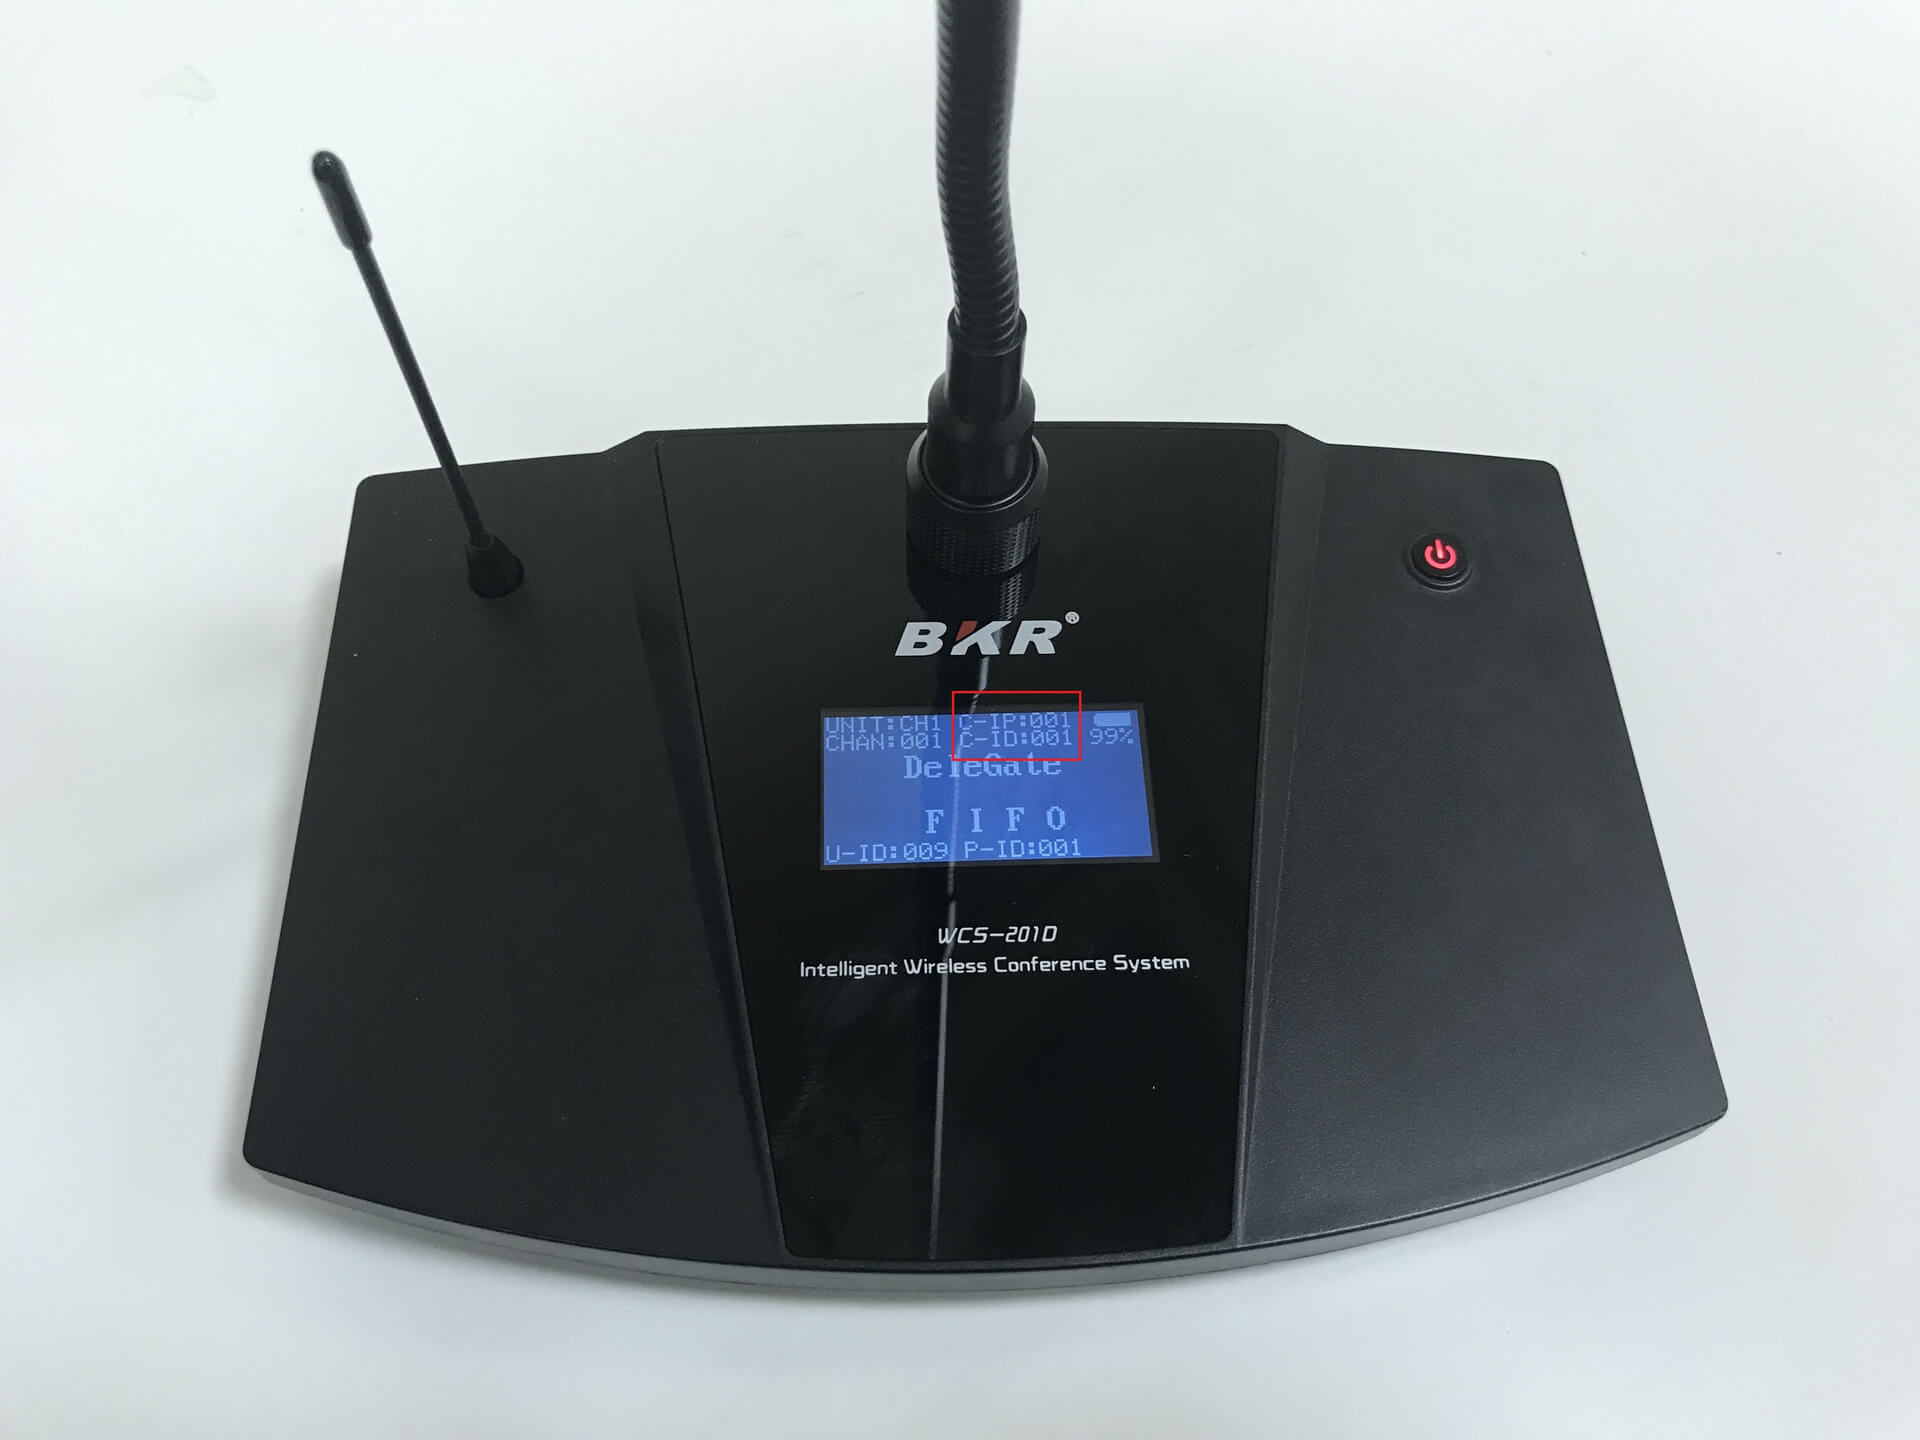 микрофонный пульт BKR